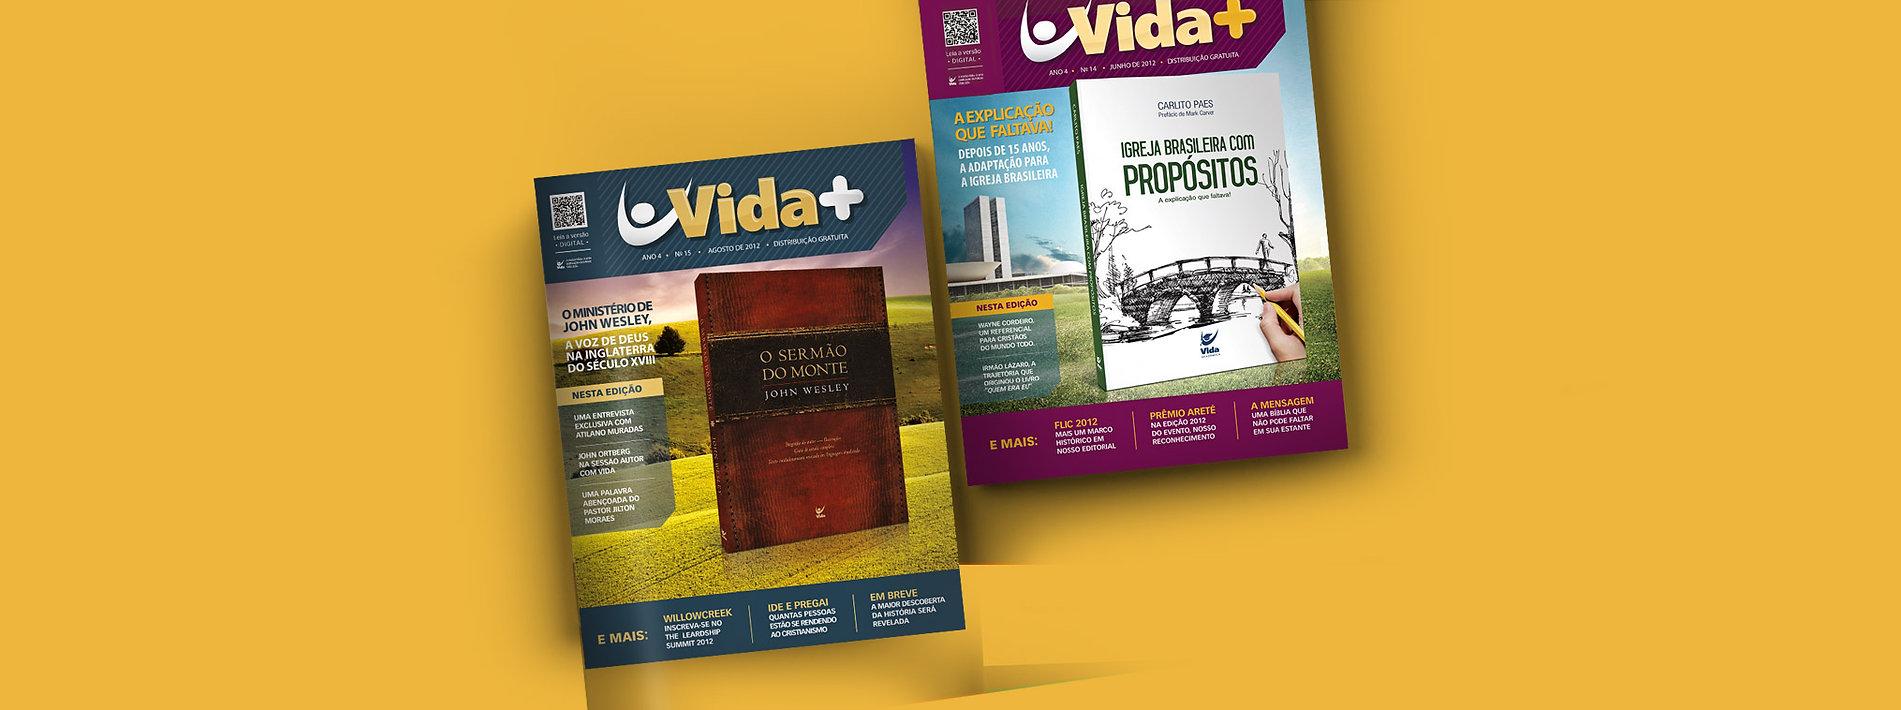 LReis_Portfolio_Vida+_01.jpg